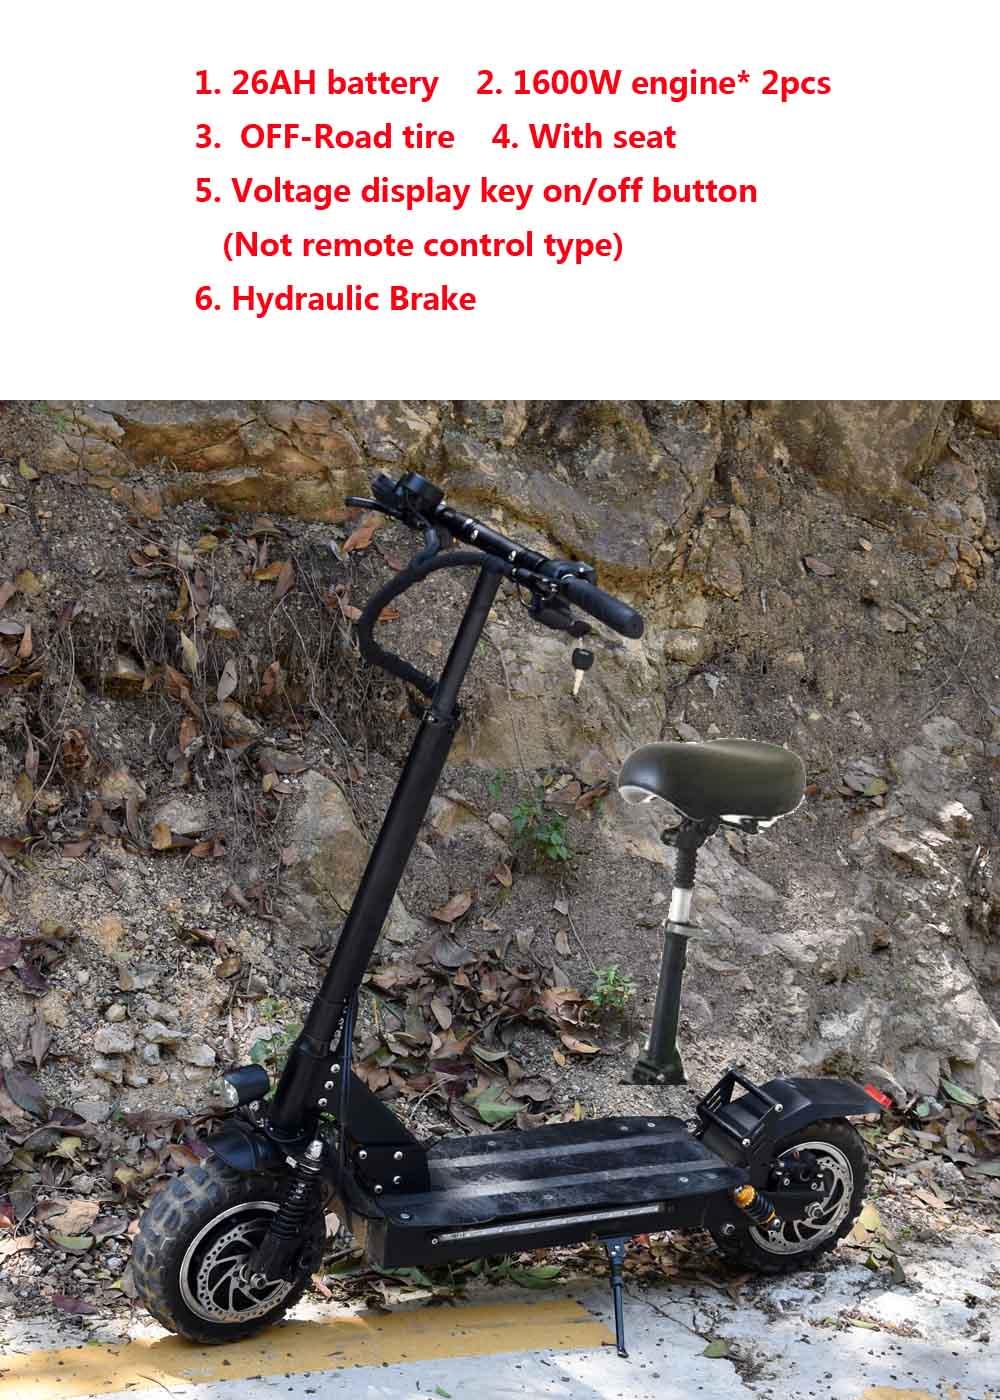 Sport & Unterhaltung Sonderabschnitt Hydraulische Bremse 3200 W 85 Km/h Erwachsene Elektrische Roller Mit Sitz Faltbare Hoverboard Fett Reifen Elektrische Kick Roller E Roller